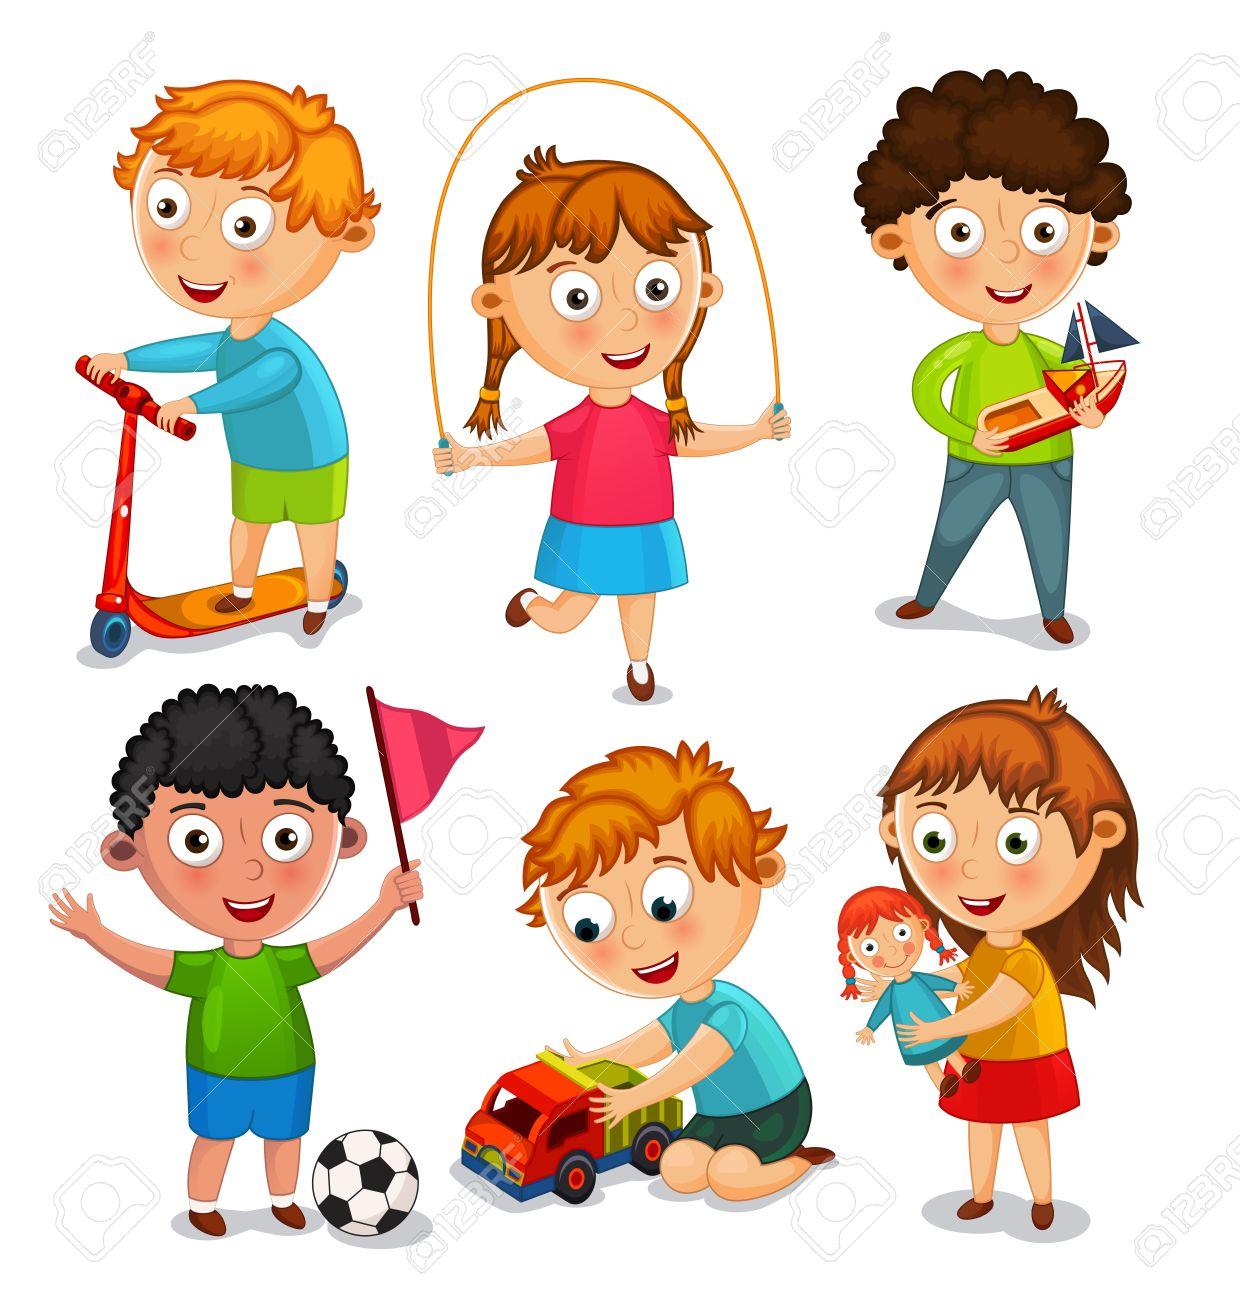 Et Corde Jouent Sautent JouetsGarçons Sont BalleFilles Une Enfants La Les Jouet Avec Des Voiture ScooterEn Jouant Un bf7mvYgyI6